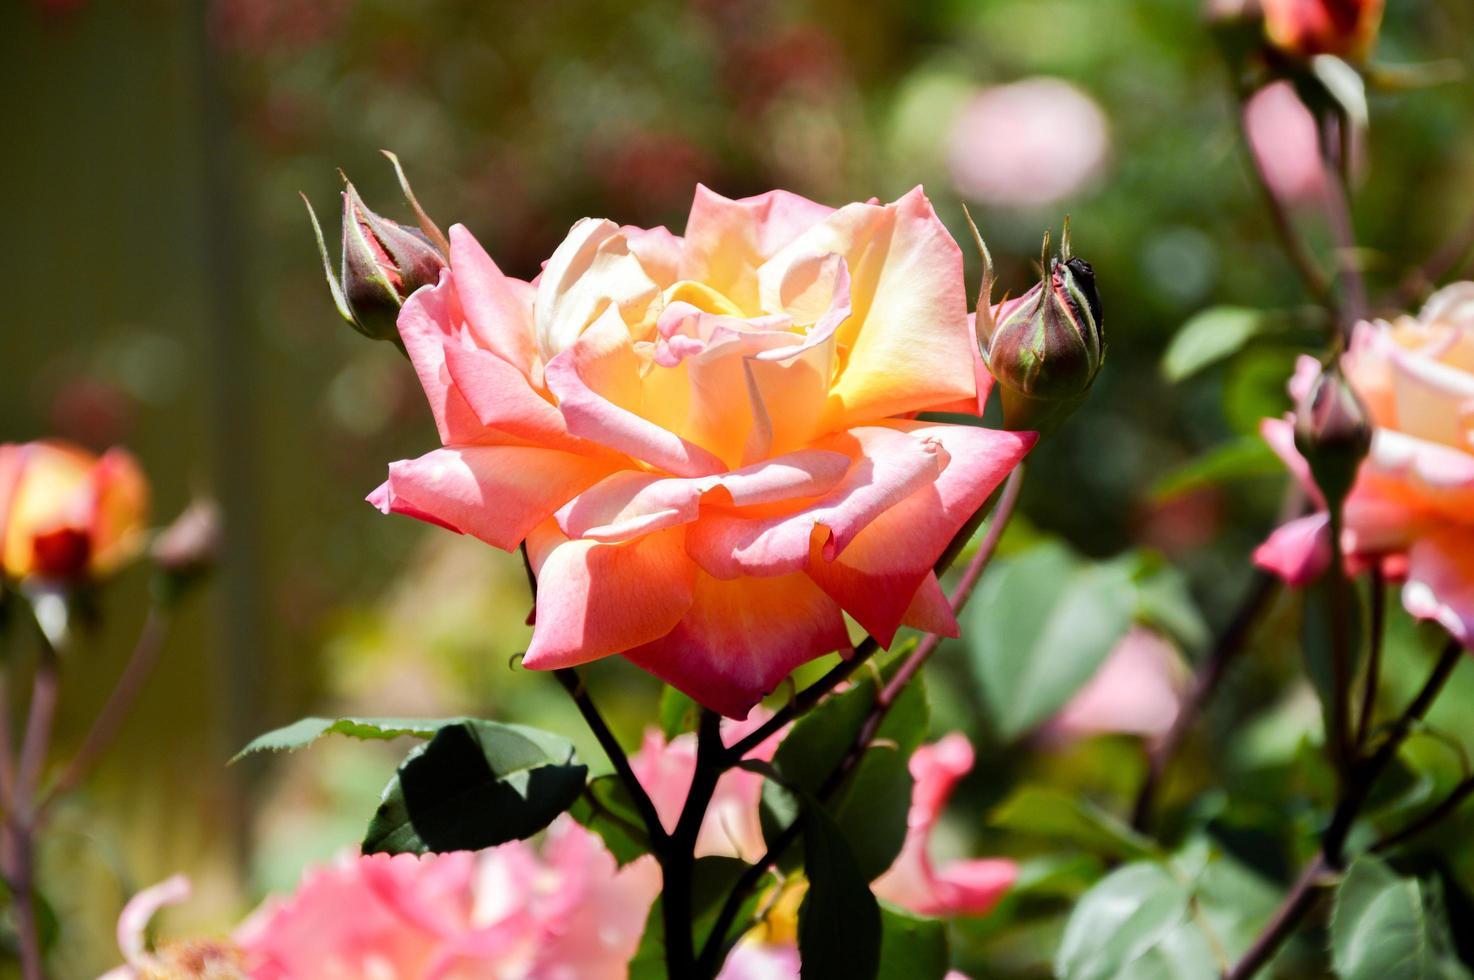 rosa Rose im Sonnenlicht foto